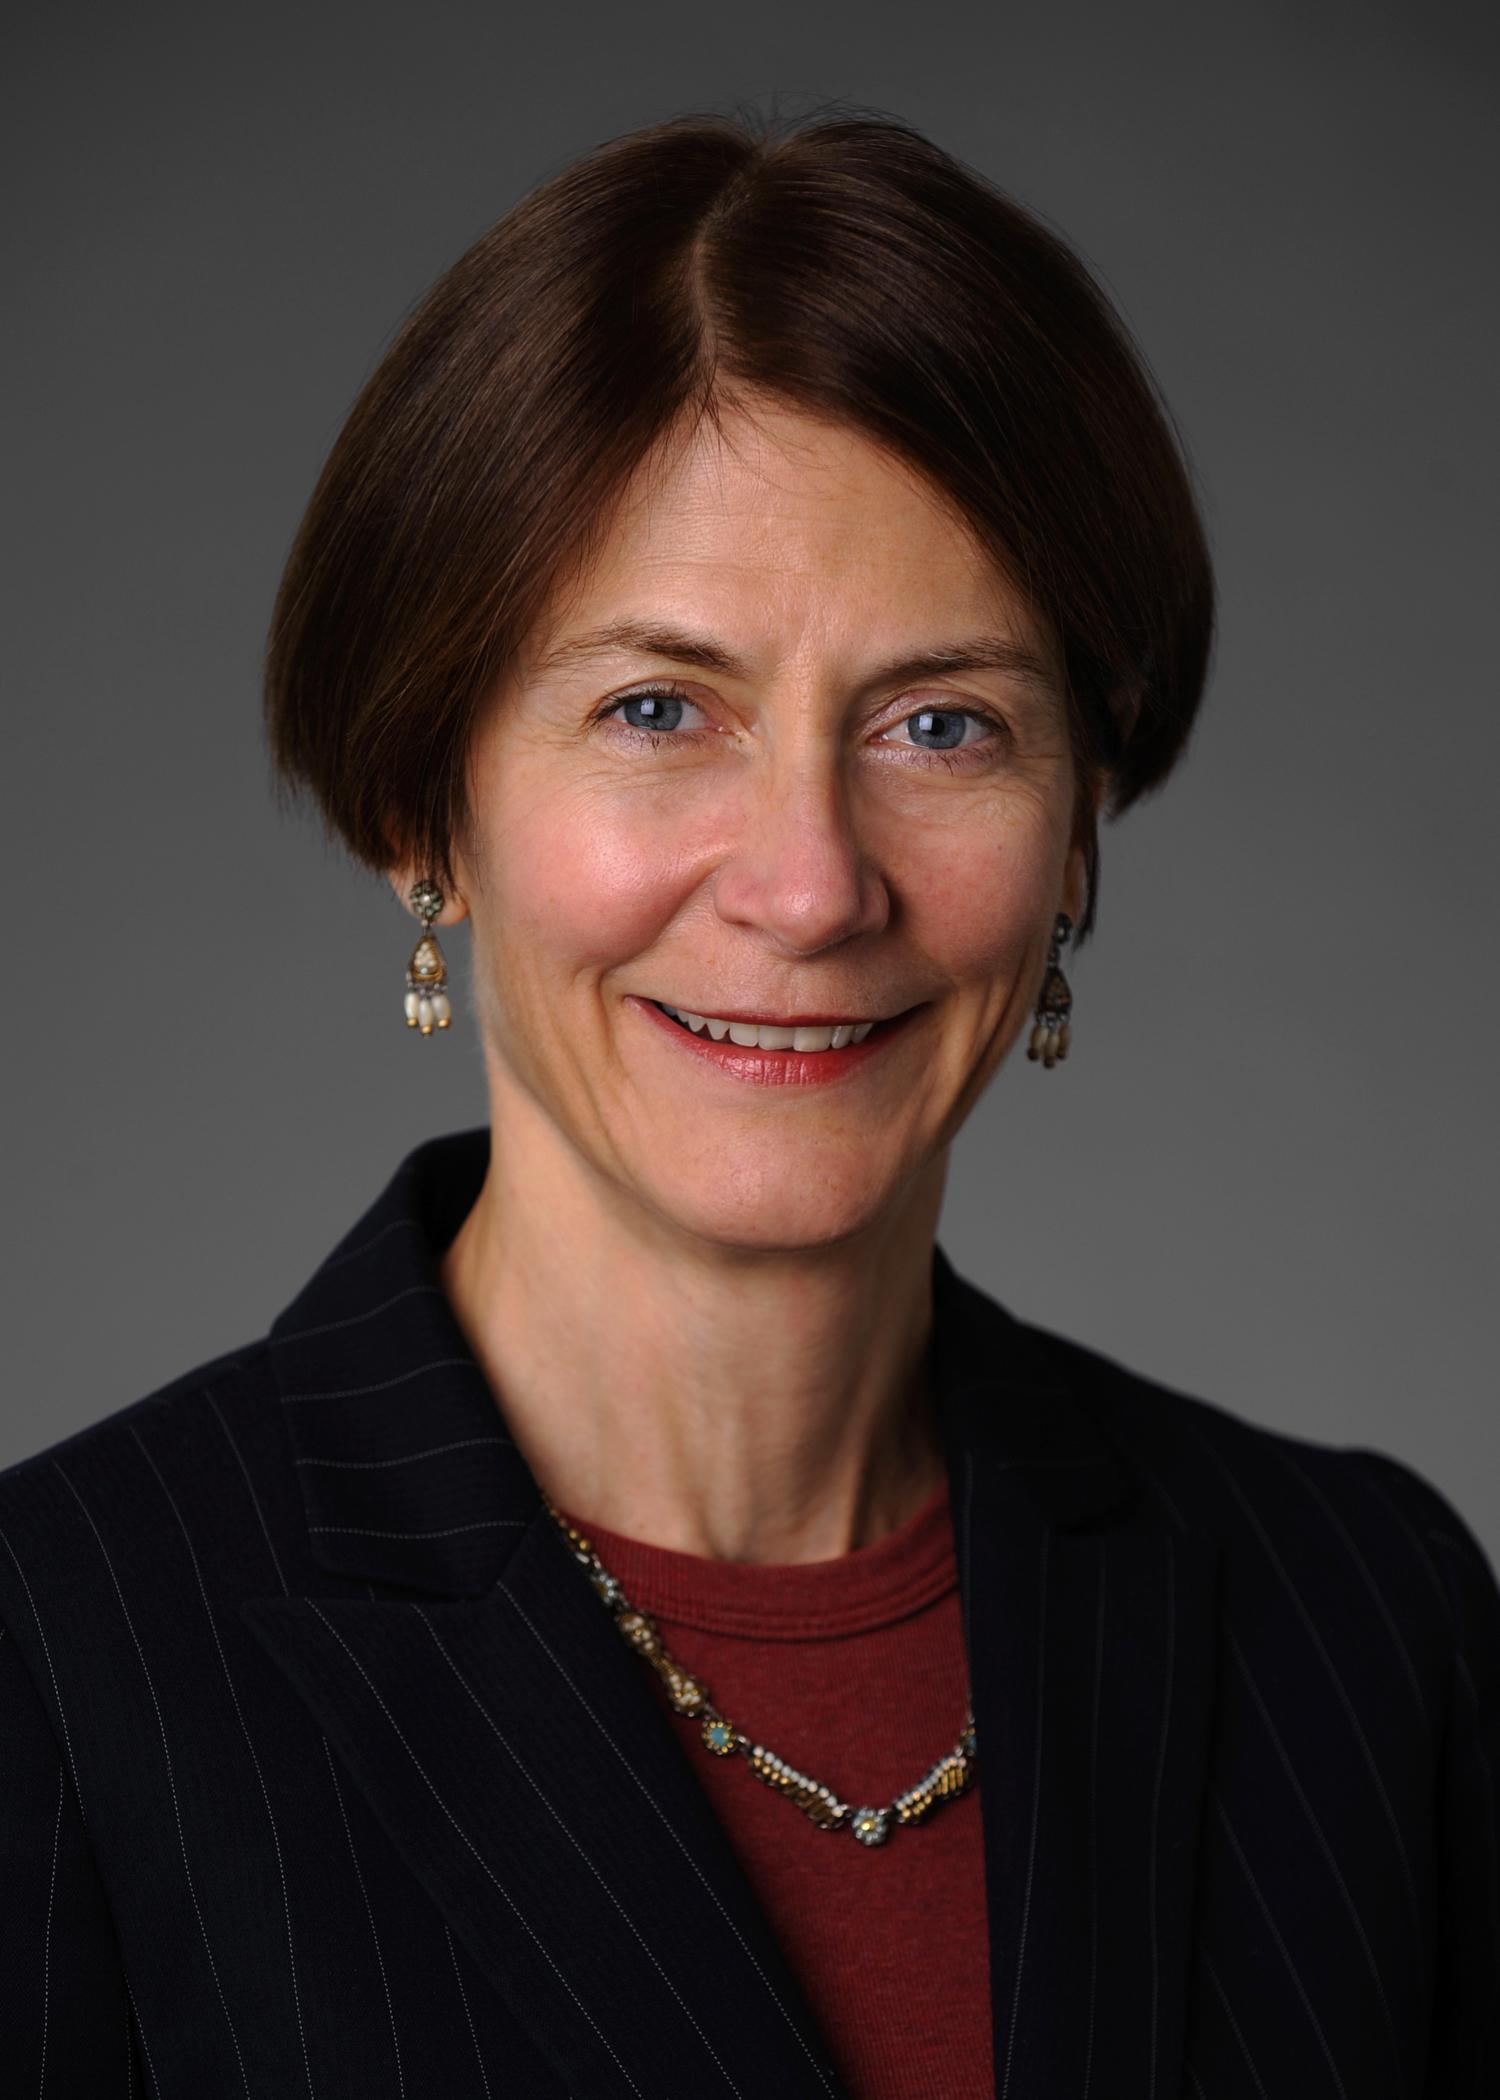 Melanie Meyers